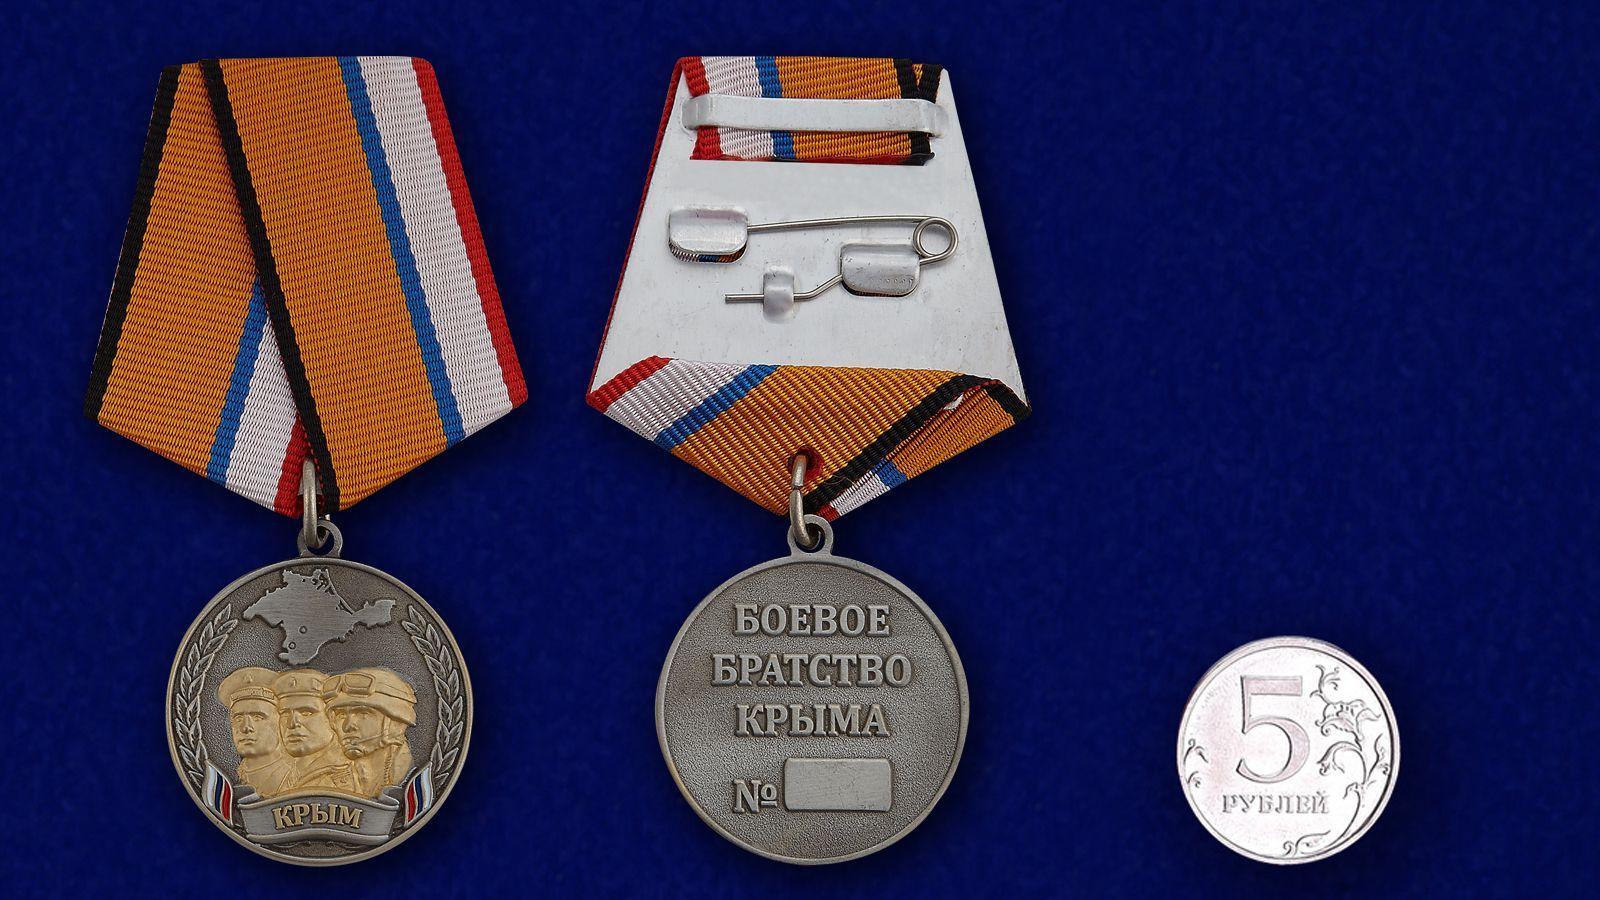 """Заказать медаль """"Боевое братство Крыма"""" в наградном подарочном футляре"""